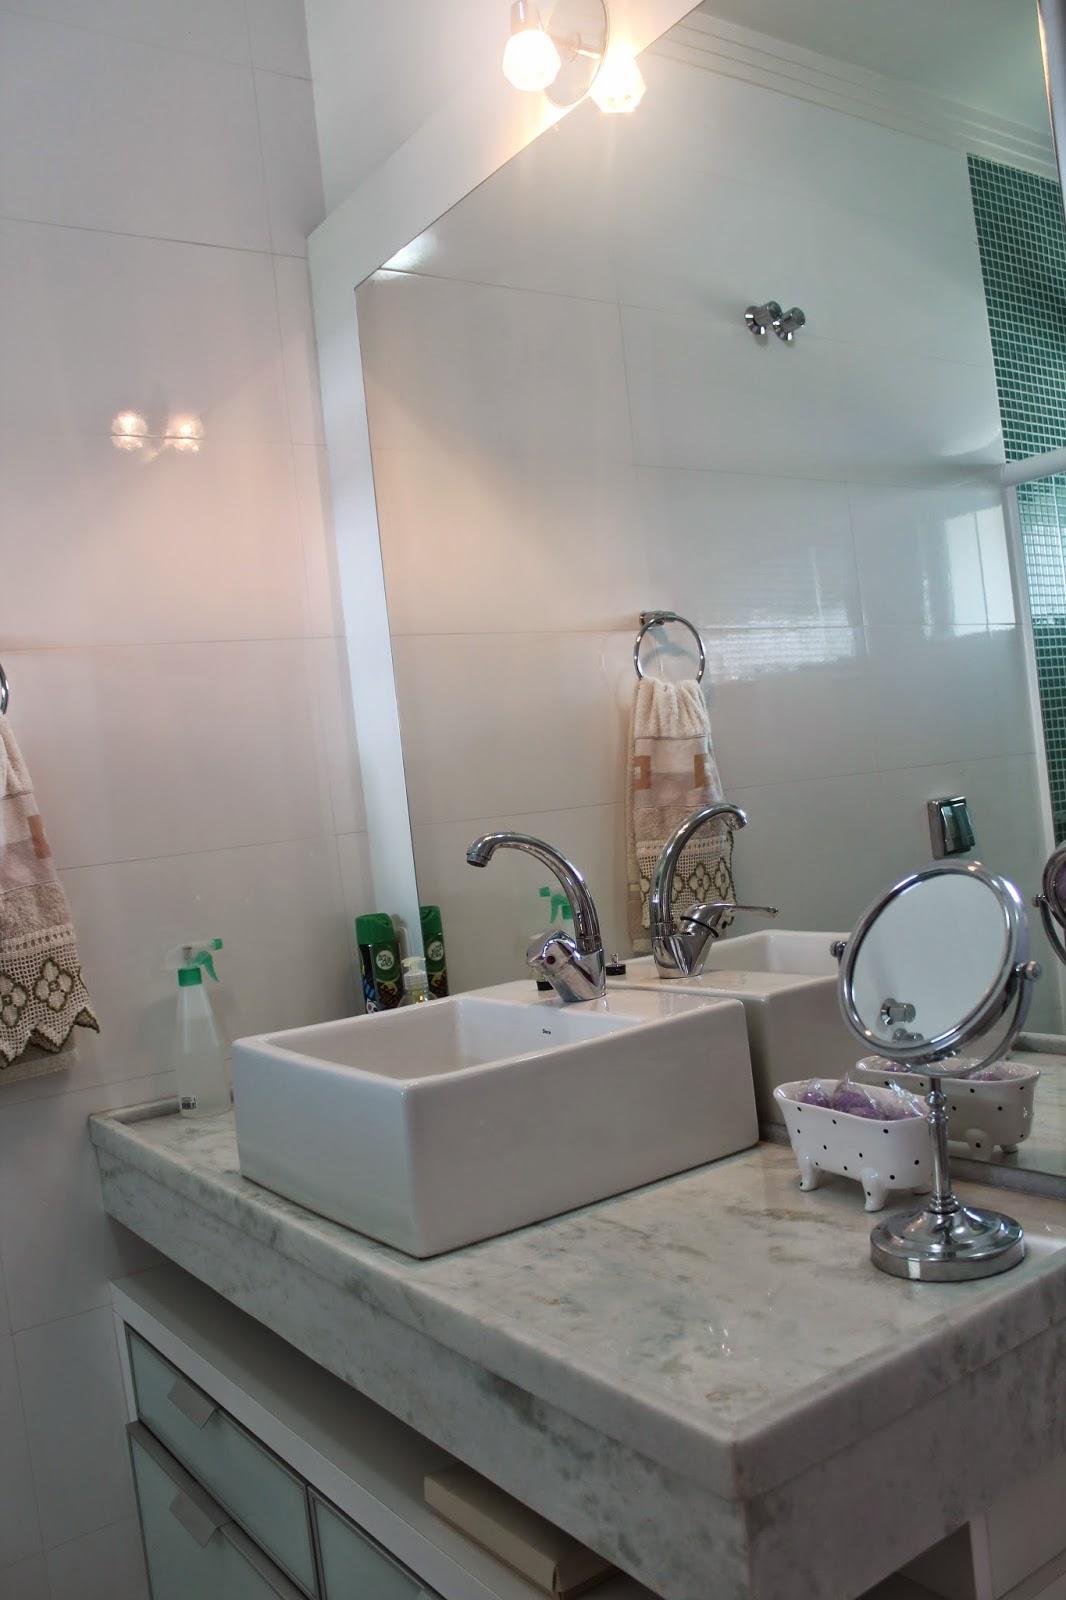 casinha da Dani e do João: Banheiros e Lavabo   atualização nosso  #766155 1066 1600